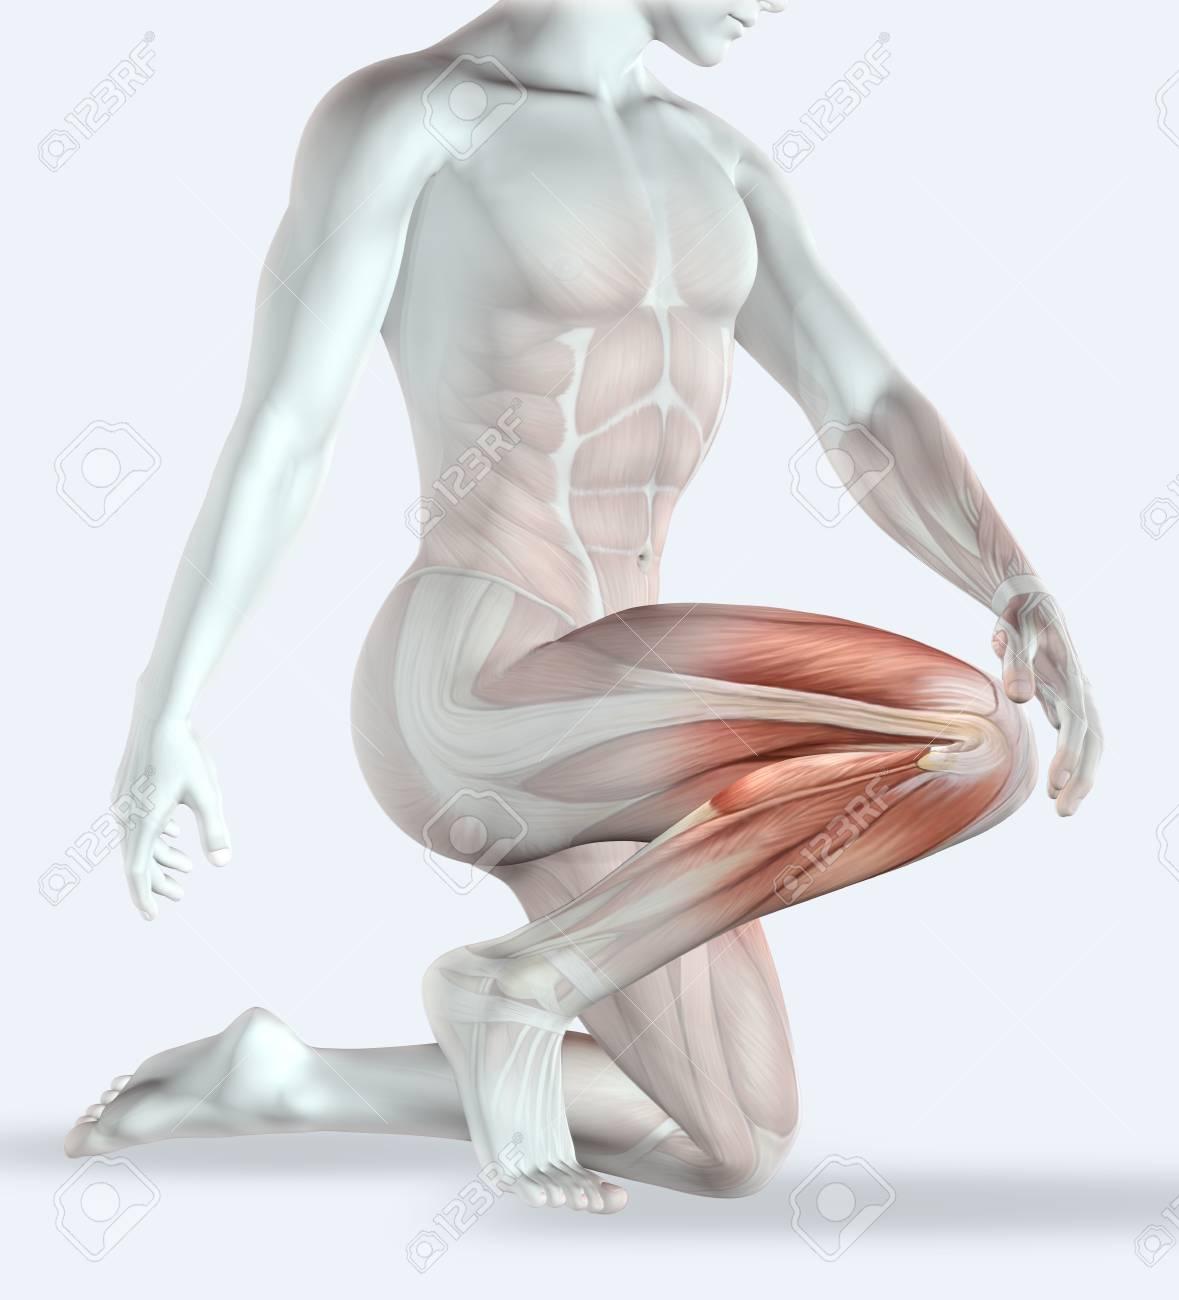 Ausgezeichnet Scm Muskel Ideen - Physiologie Von Menschlichen ...